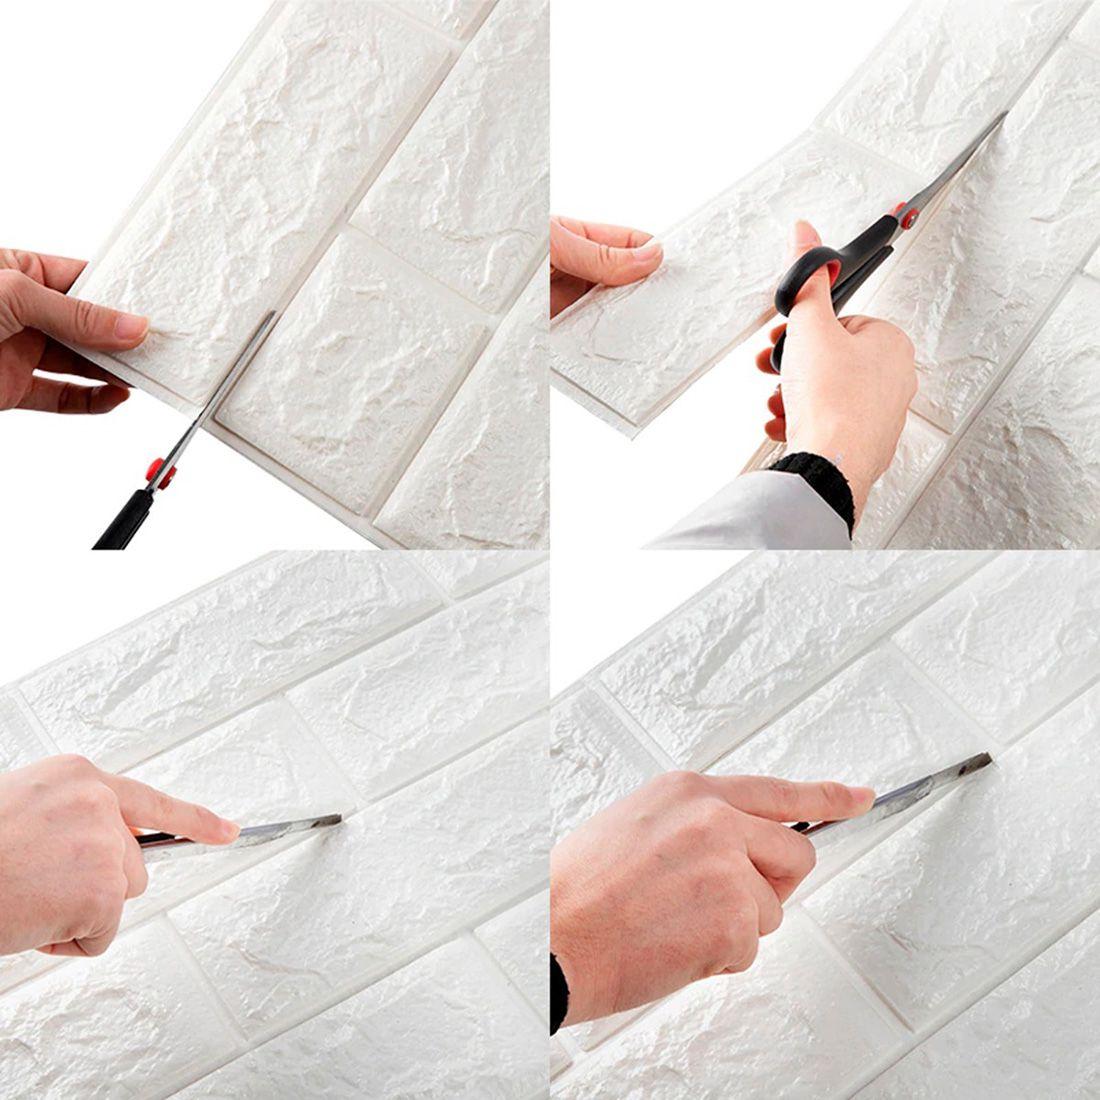 Papel de Parede 3D Kit 10 Placas Painel 70 x 76 cm Adesivo Casa Sala Quarto